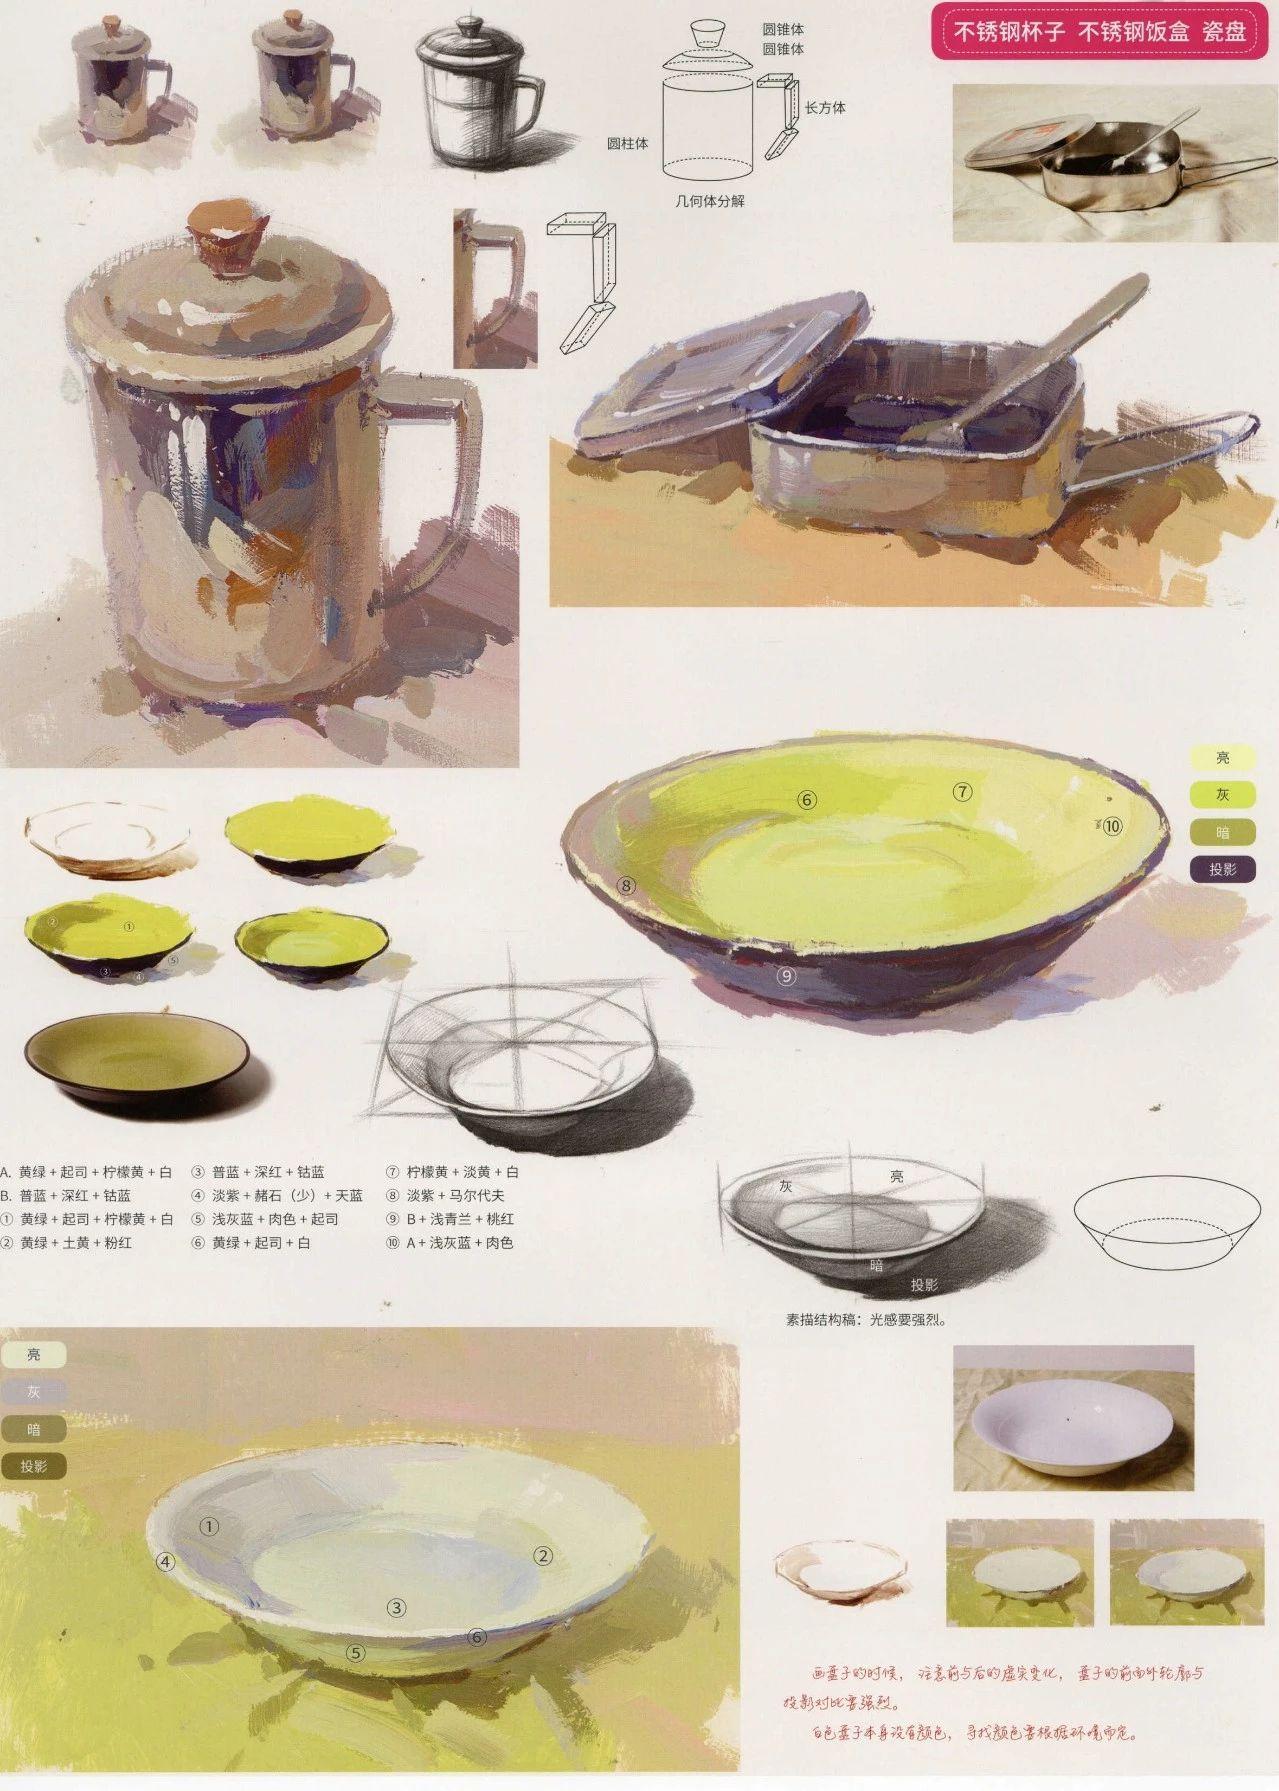 【超强干货】必看!陶瓷、玻璃,金属画法详细解析与细节塑造!